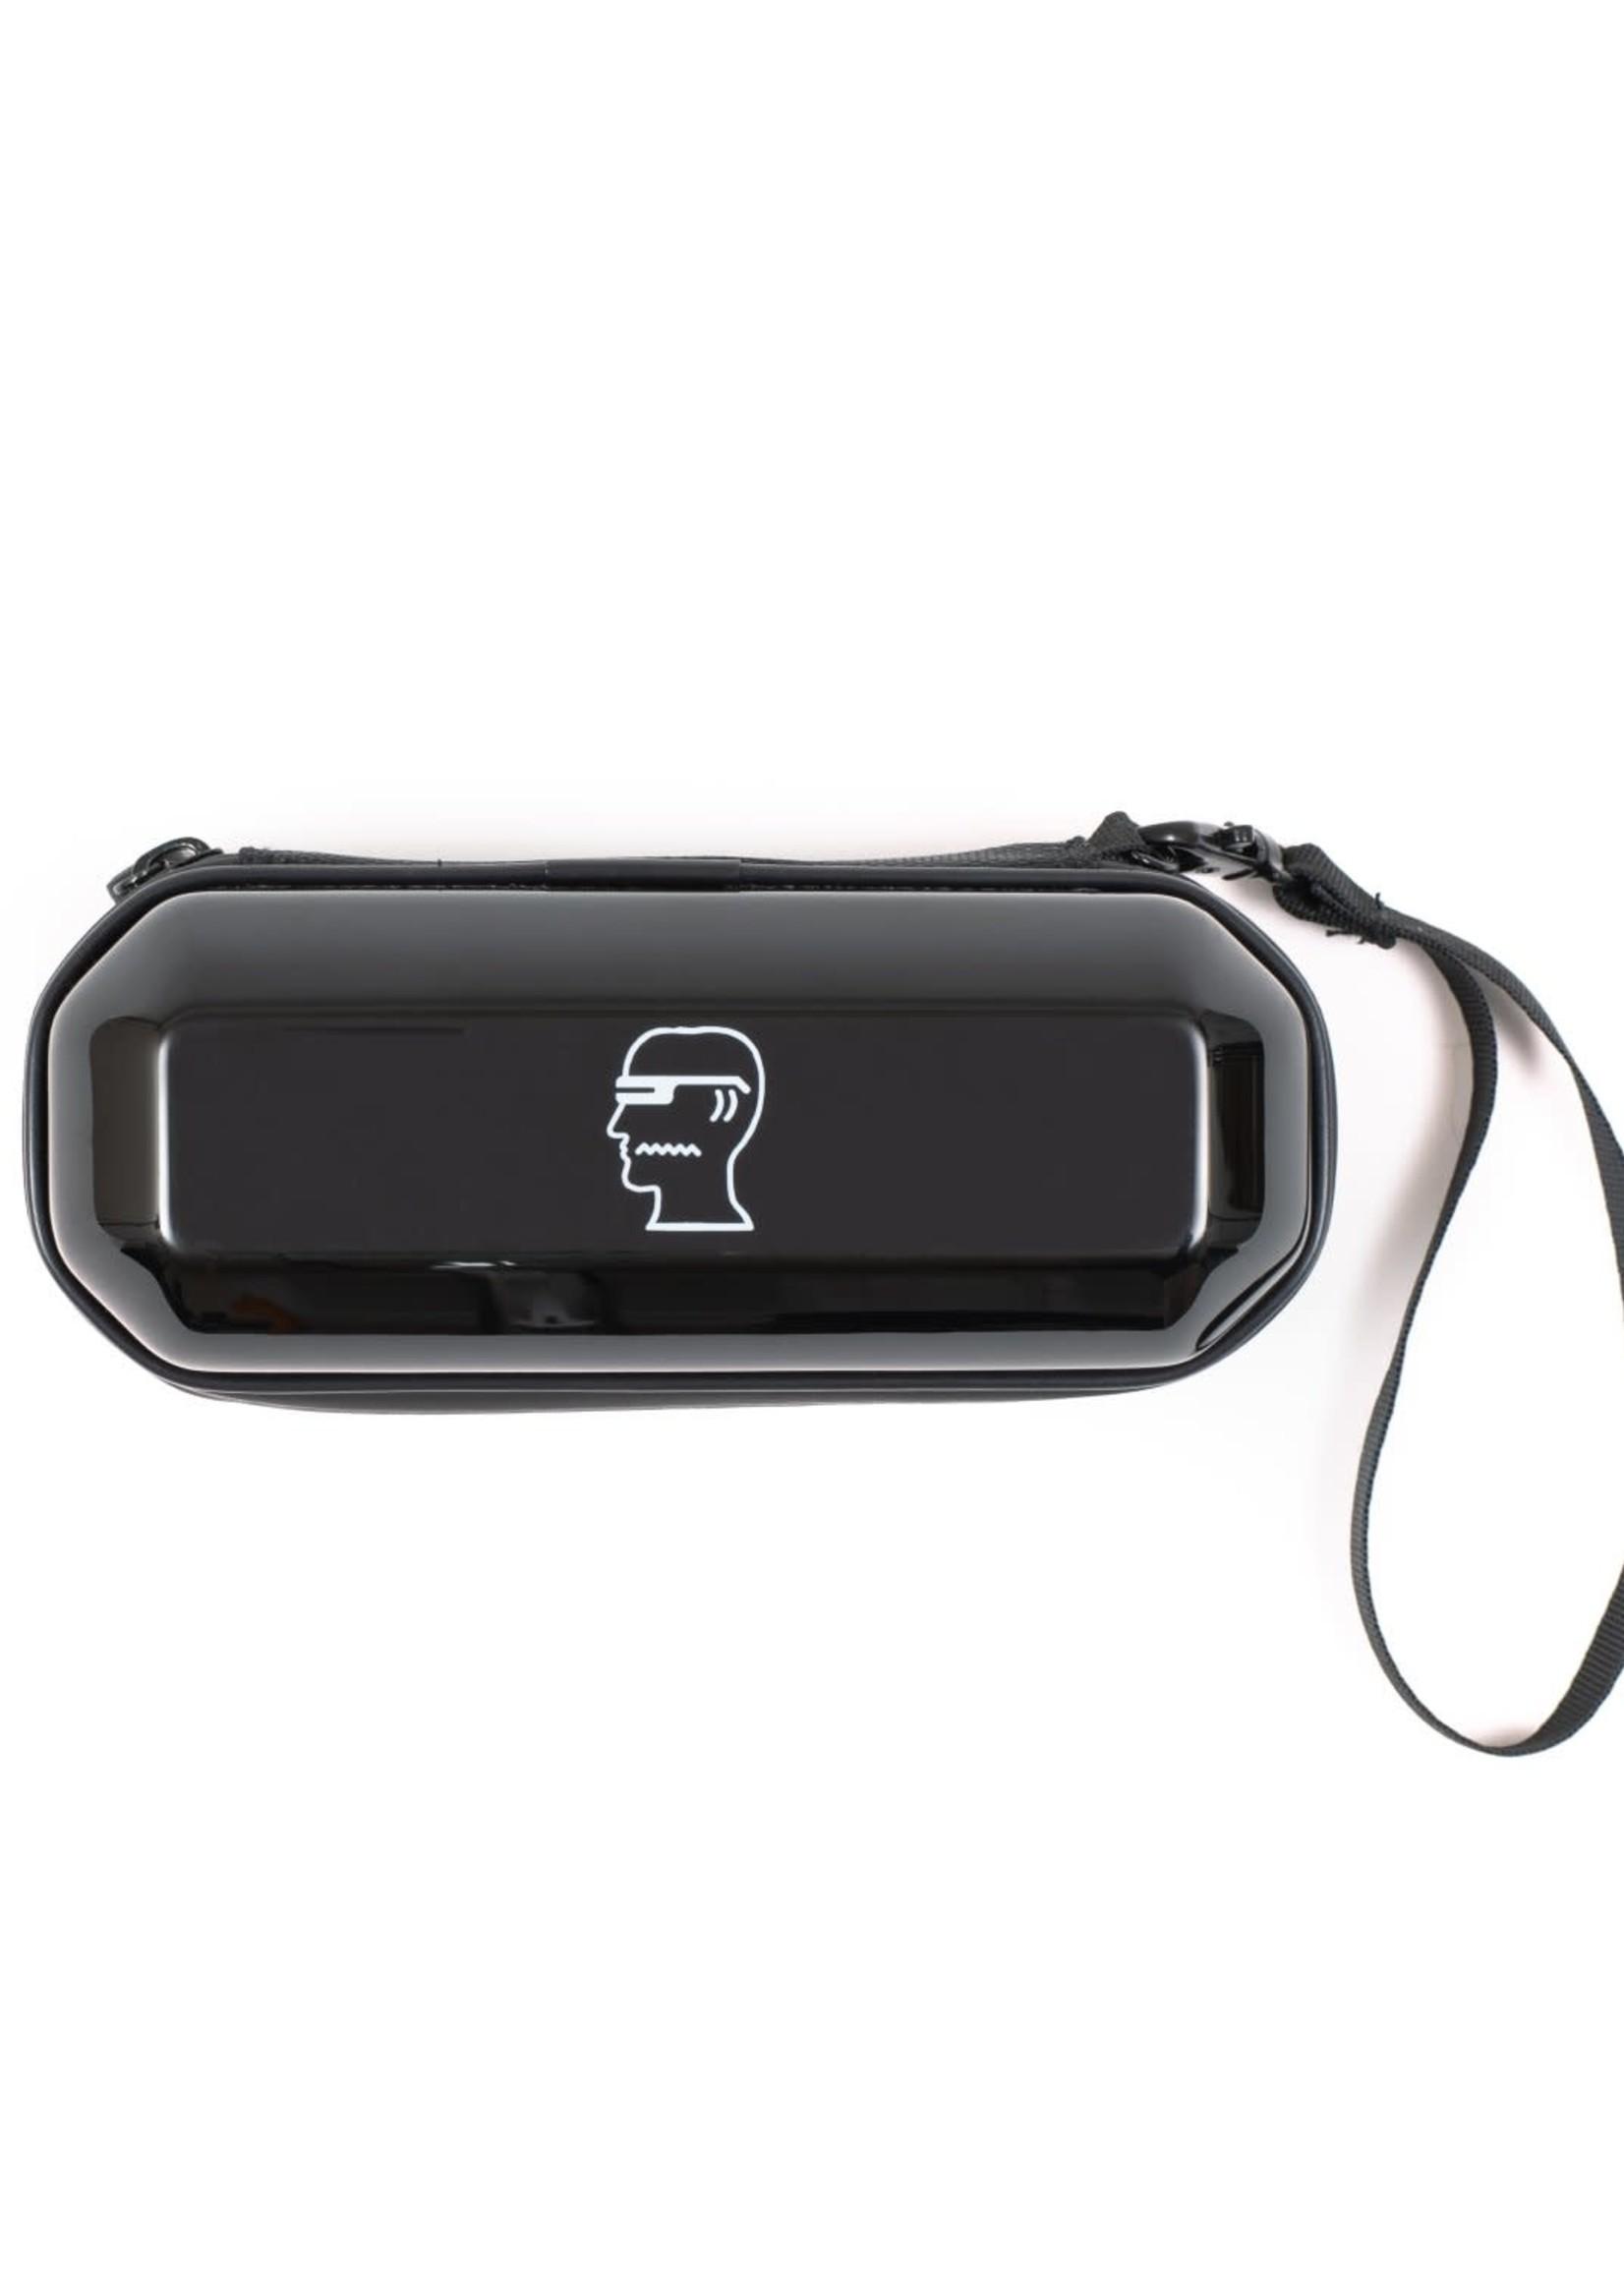 Brain Dead Mutant Sunglasses in Black / Silver Reflective